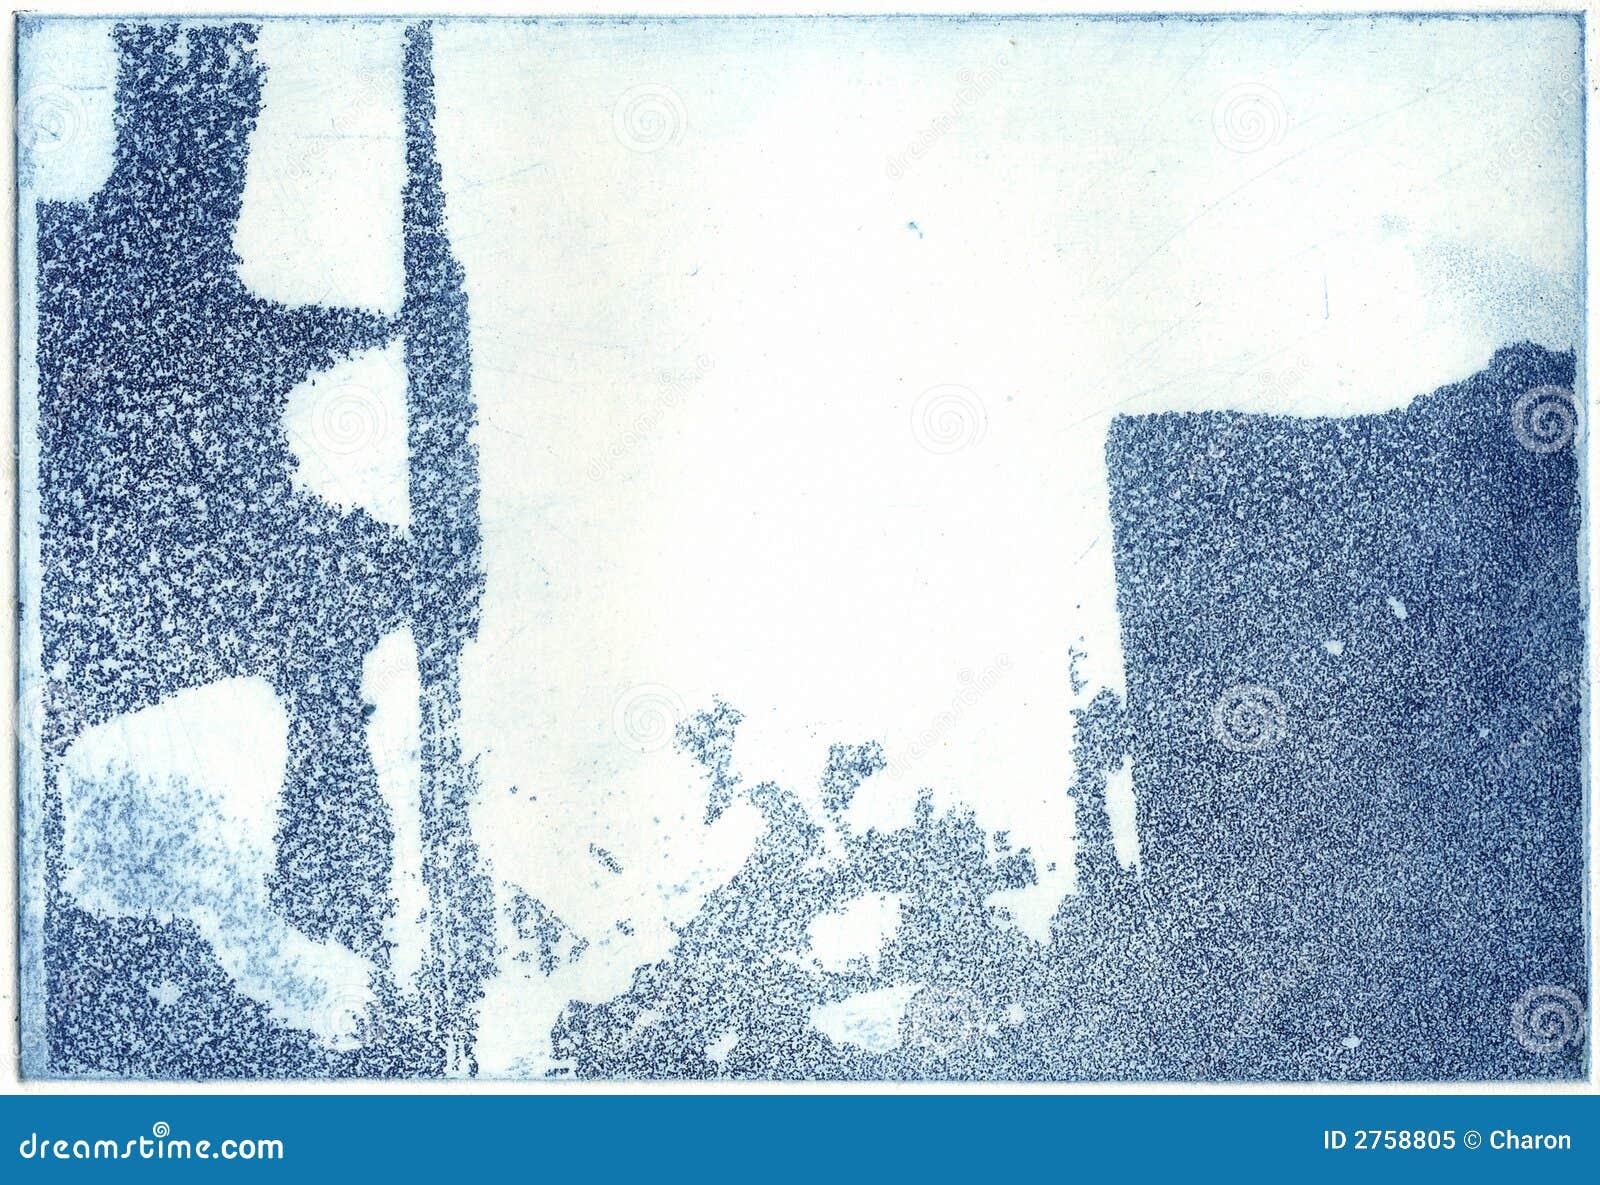 Konstnärlig blockprinting för abstrakt konst